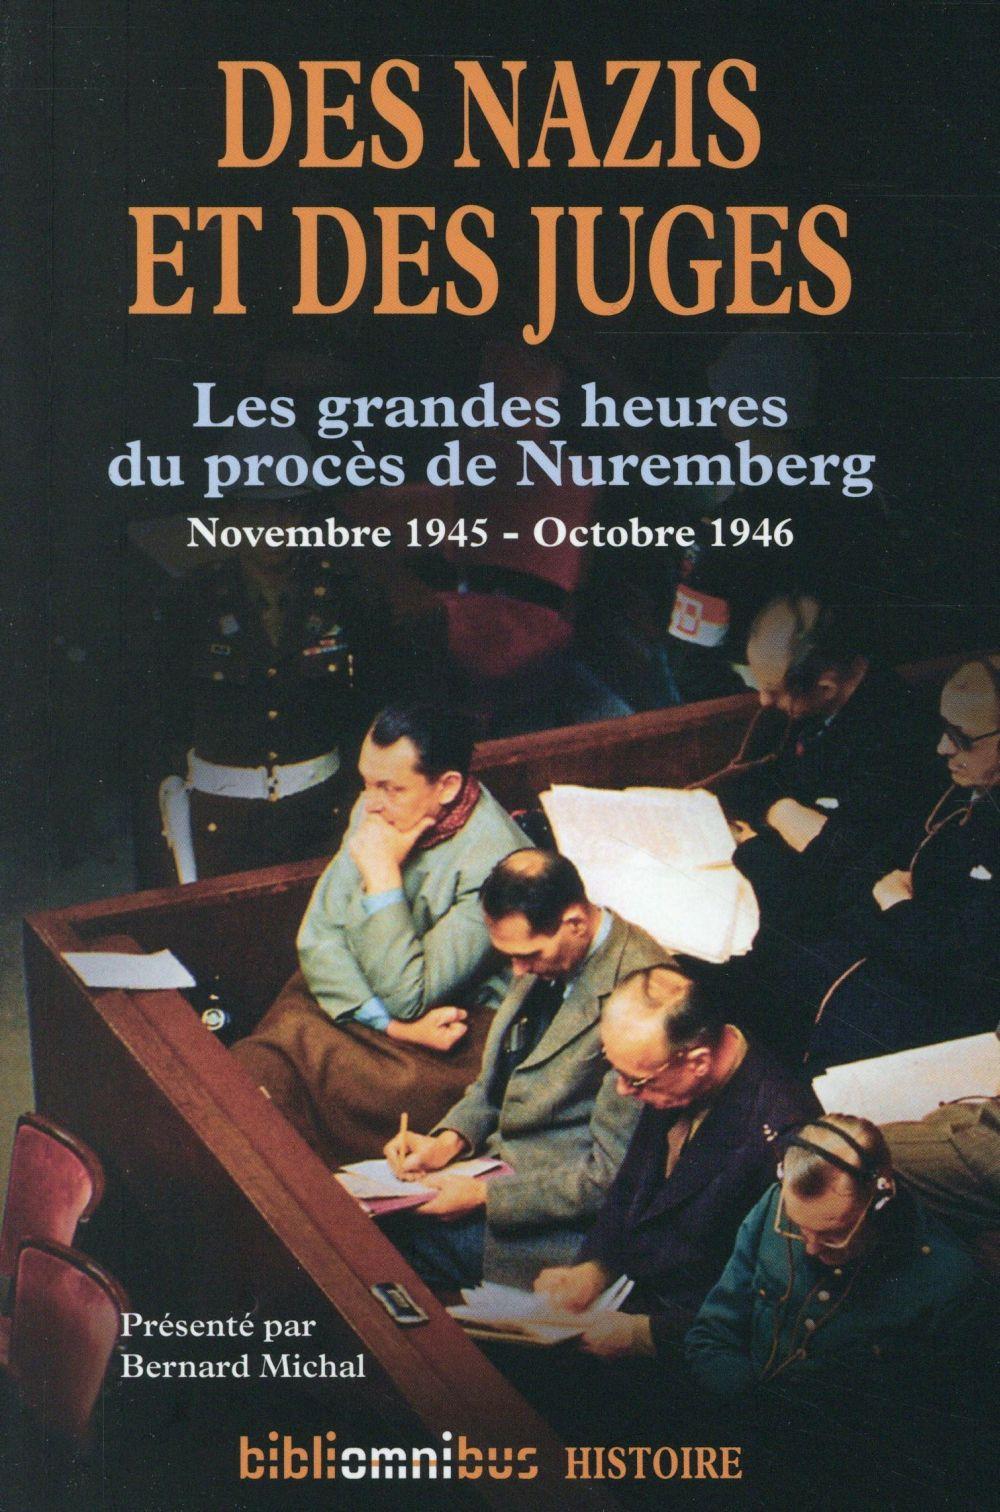 Des nazis et des juges